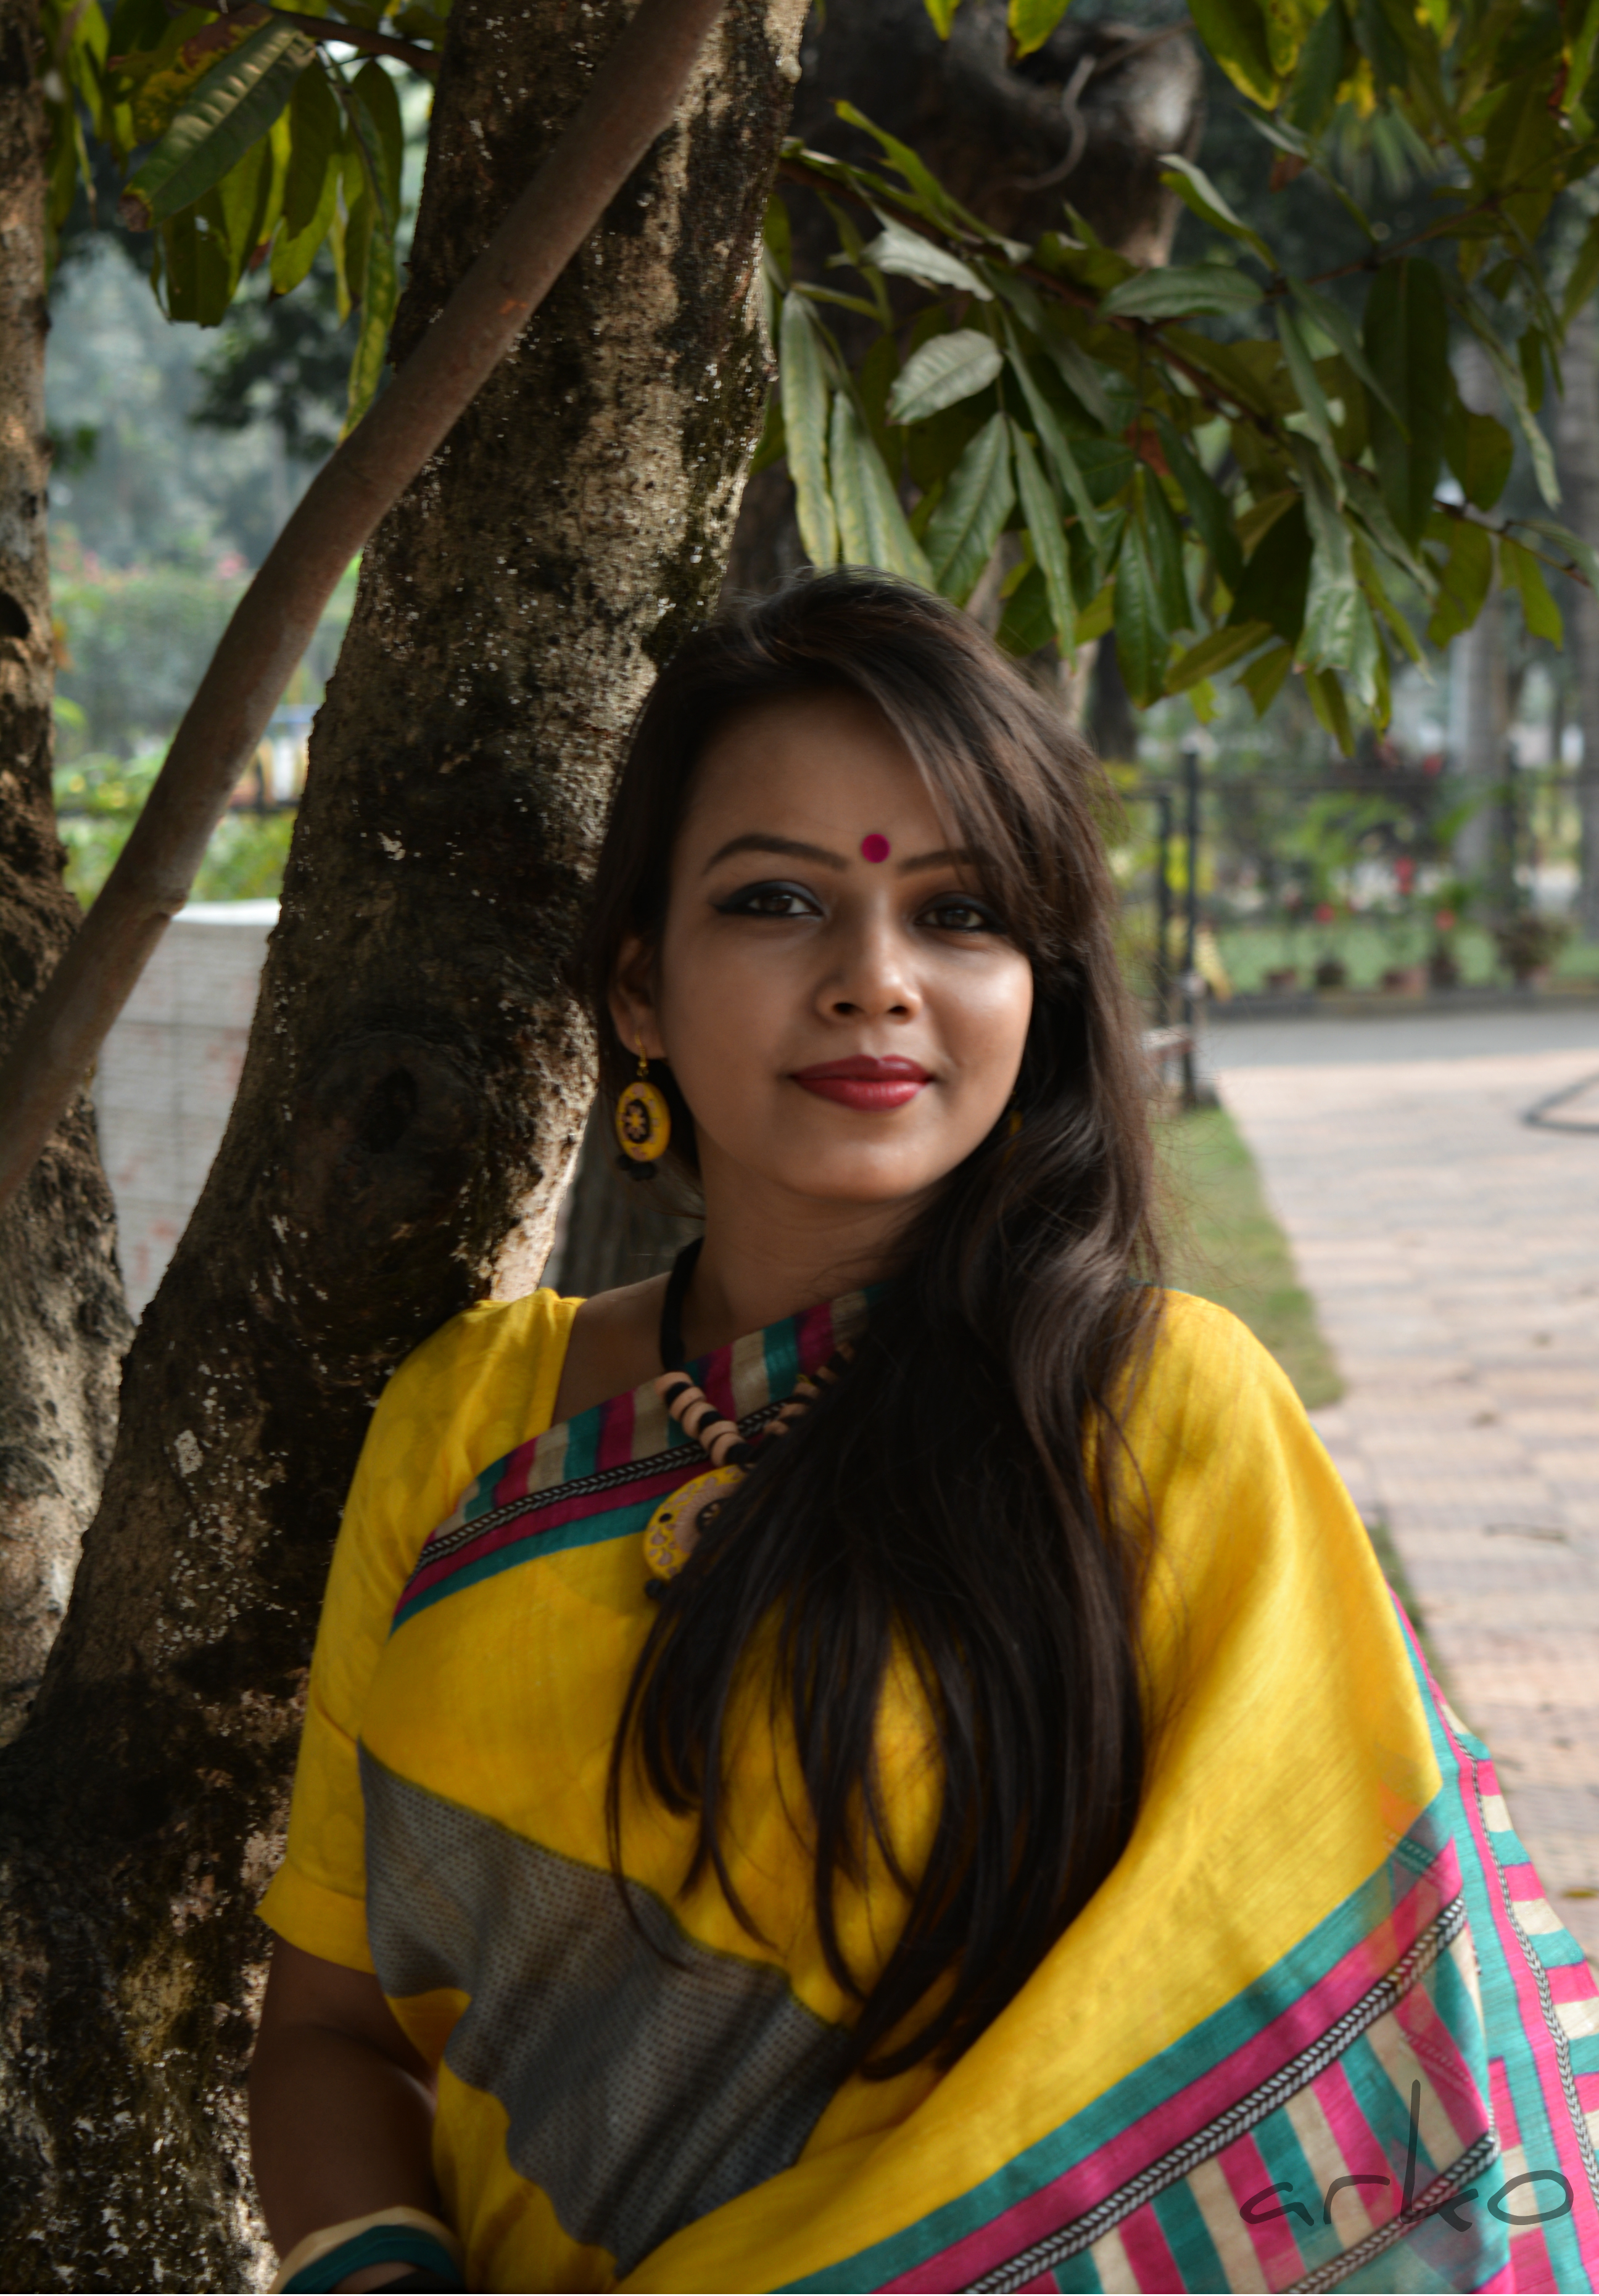 bengali girl photo